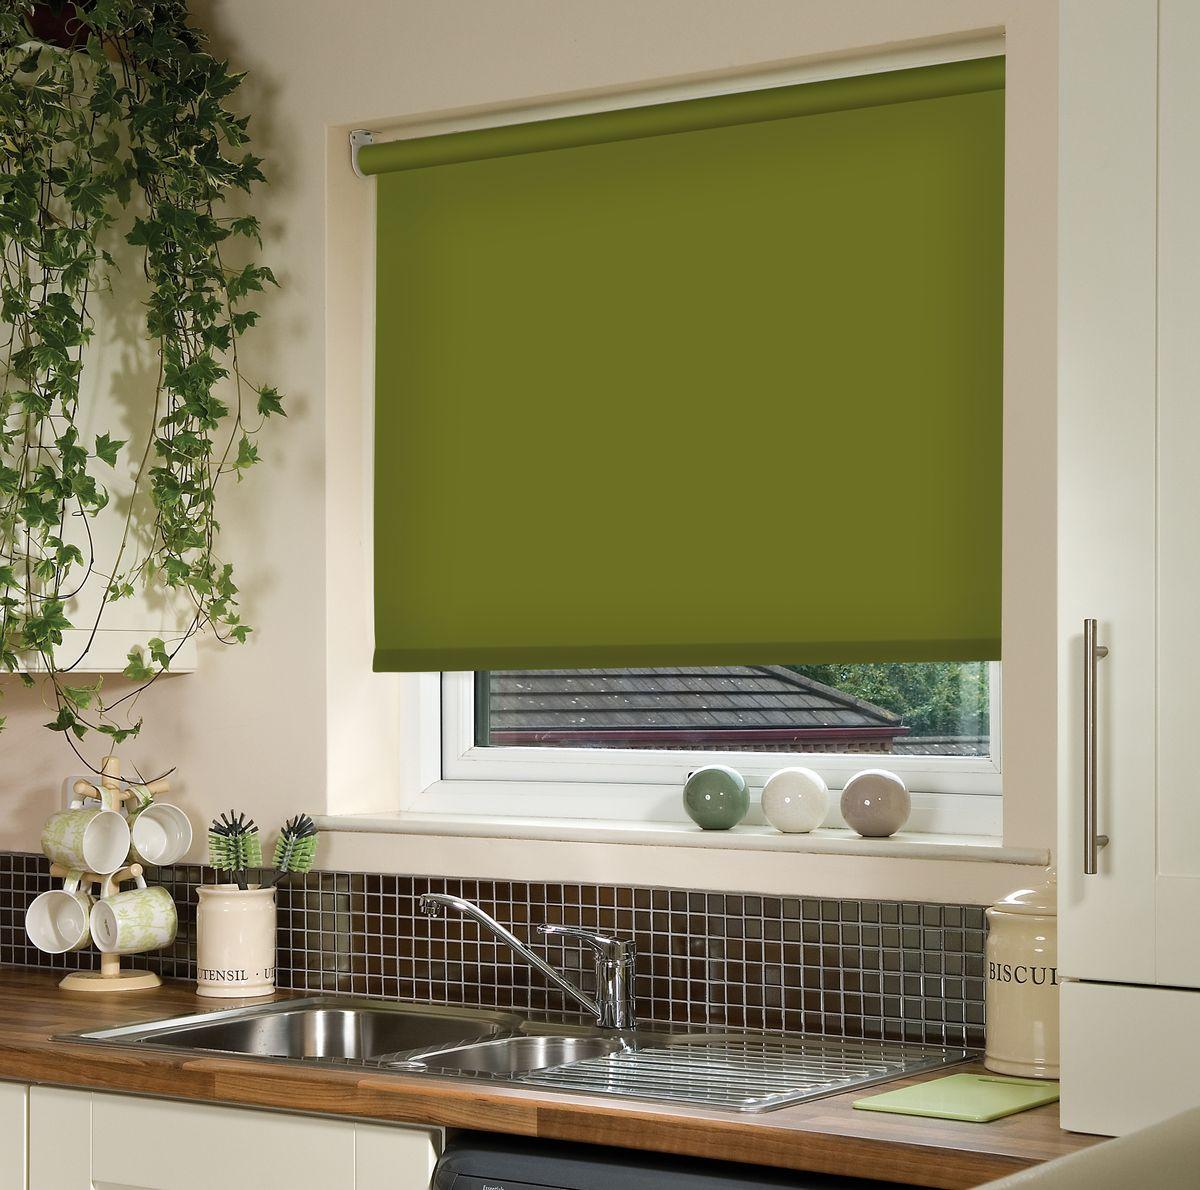 Штора рулонная Эскар, цвет: темно-оливковый, ширина 60 см, высота 170 см81018060170Рулонными шторами можно оформлять окна как самостоятельно, так и использовать в комбинации с портьерами. Это поможет предотвратить выгорание дорогой ткани на солнце и соединит функционал рулонных с красотой навесных.Преимущества применения рулонных штор для пластиковых окон:- имеют прекрасный внешний вид: многообразие и фактурность материала изделия отлично смотрятся в любом интерьере; - многофункциональны: есть возможность подобрать шторы способные эффективно защитить комнату от солнца, при этом о на не будет слишком темной. - Есть возможность осуществить быстрый монтаж. ВНИМАНИЕ! Размеры ширины изделия указаны по ширине ткани!Во время эксплуатации не рекомендуется полностью разматывать рулон, чтобы не оторвать ткань от намоточного вала.В случае загрязнения поверхности ткани, чистку шторы проводят одним из способов, в зависимости от типа загрязнения: легкое поверхностное загрязнение можно удалить при помощи канцелярского ластика; чистка от пыли производится сухим методом при помощи пылесоса с мягкой щеткой-насадкой; для удаления пятна используйте мягкую губку с пенообразующим неагрессивным моющим средством или пятновыводитель на натуральной основе (нельзя применять растворители).